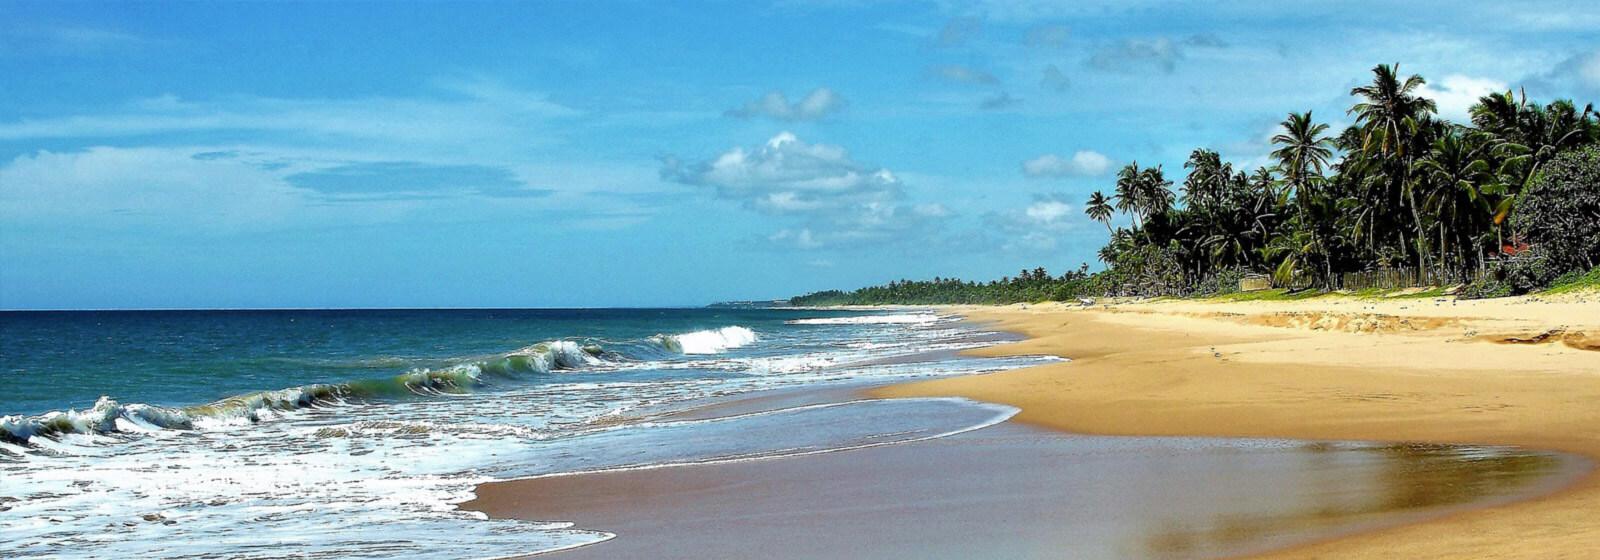 Beach Scene image slide